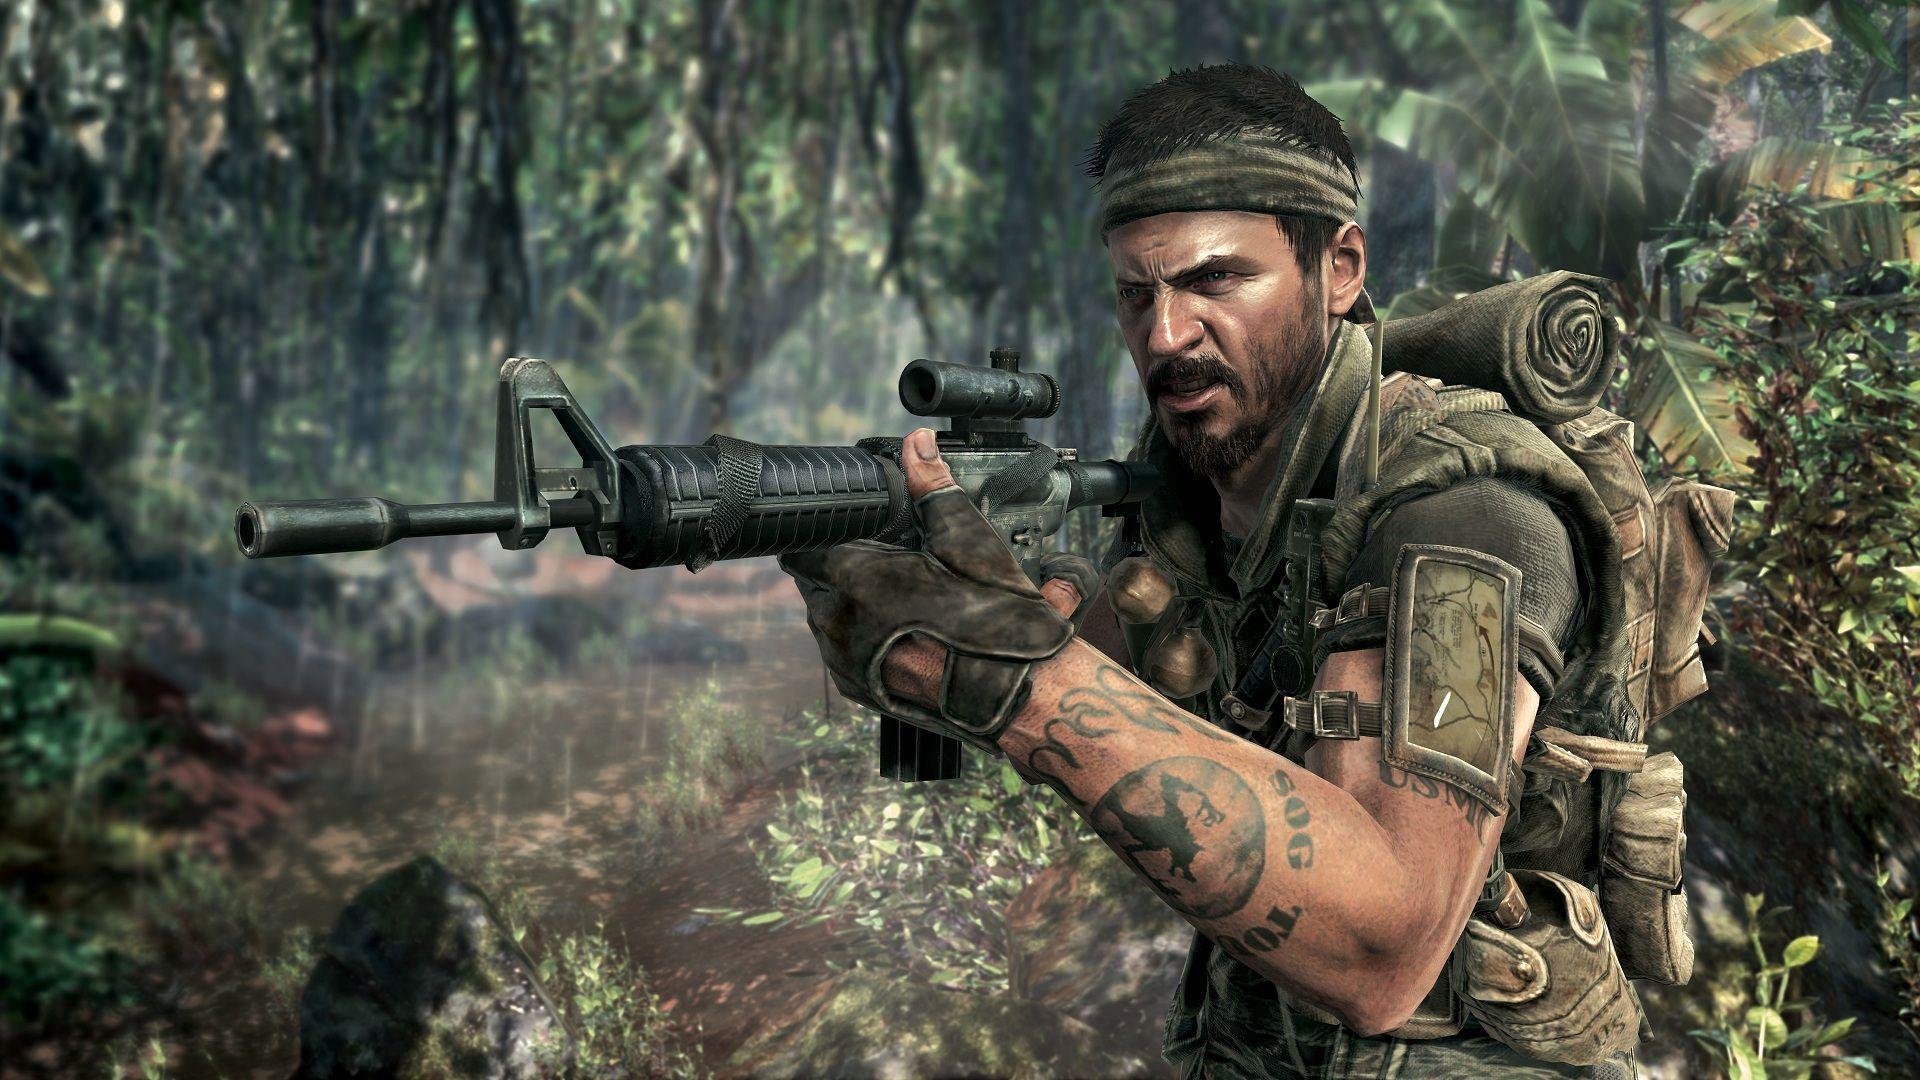 Новую часть Call of Duty: Black Ops могут анонсировать 10 августа